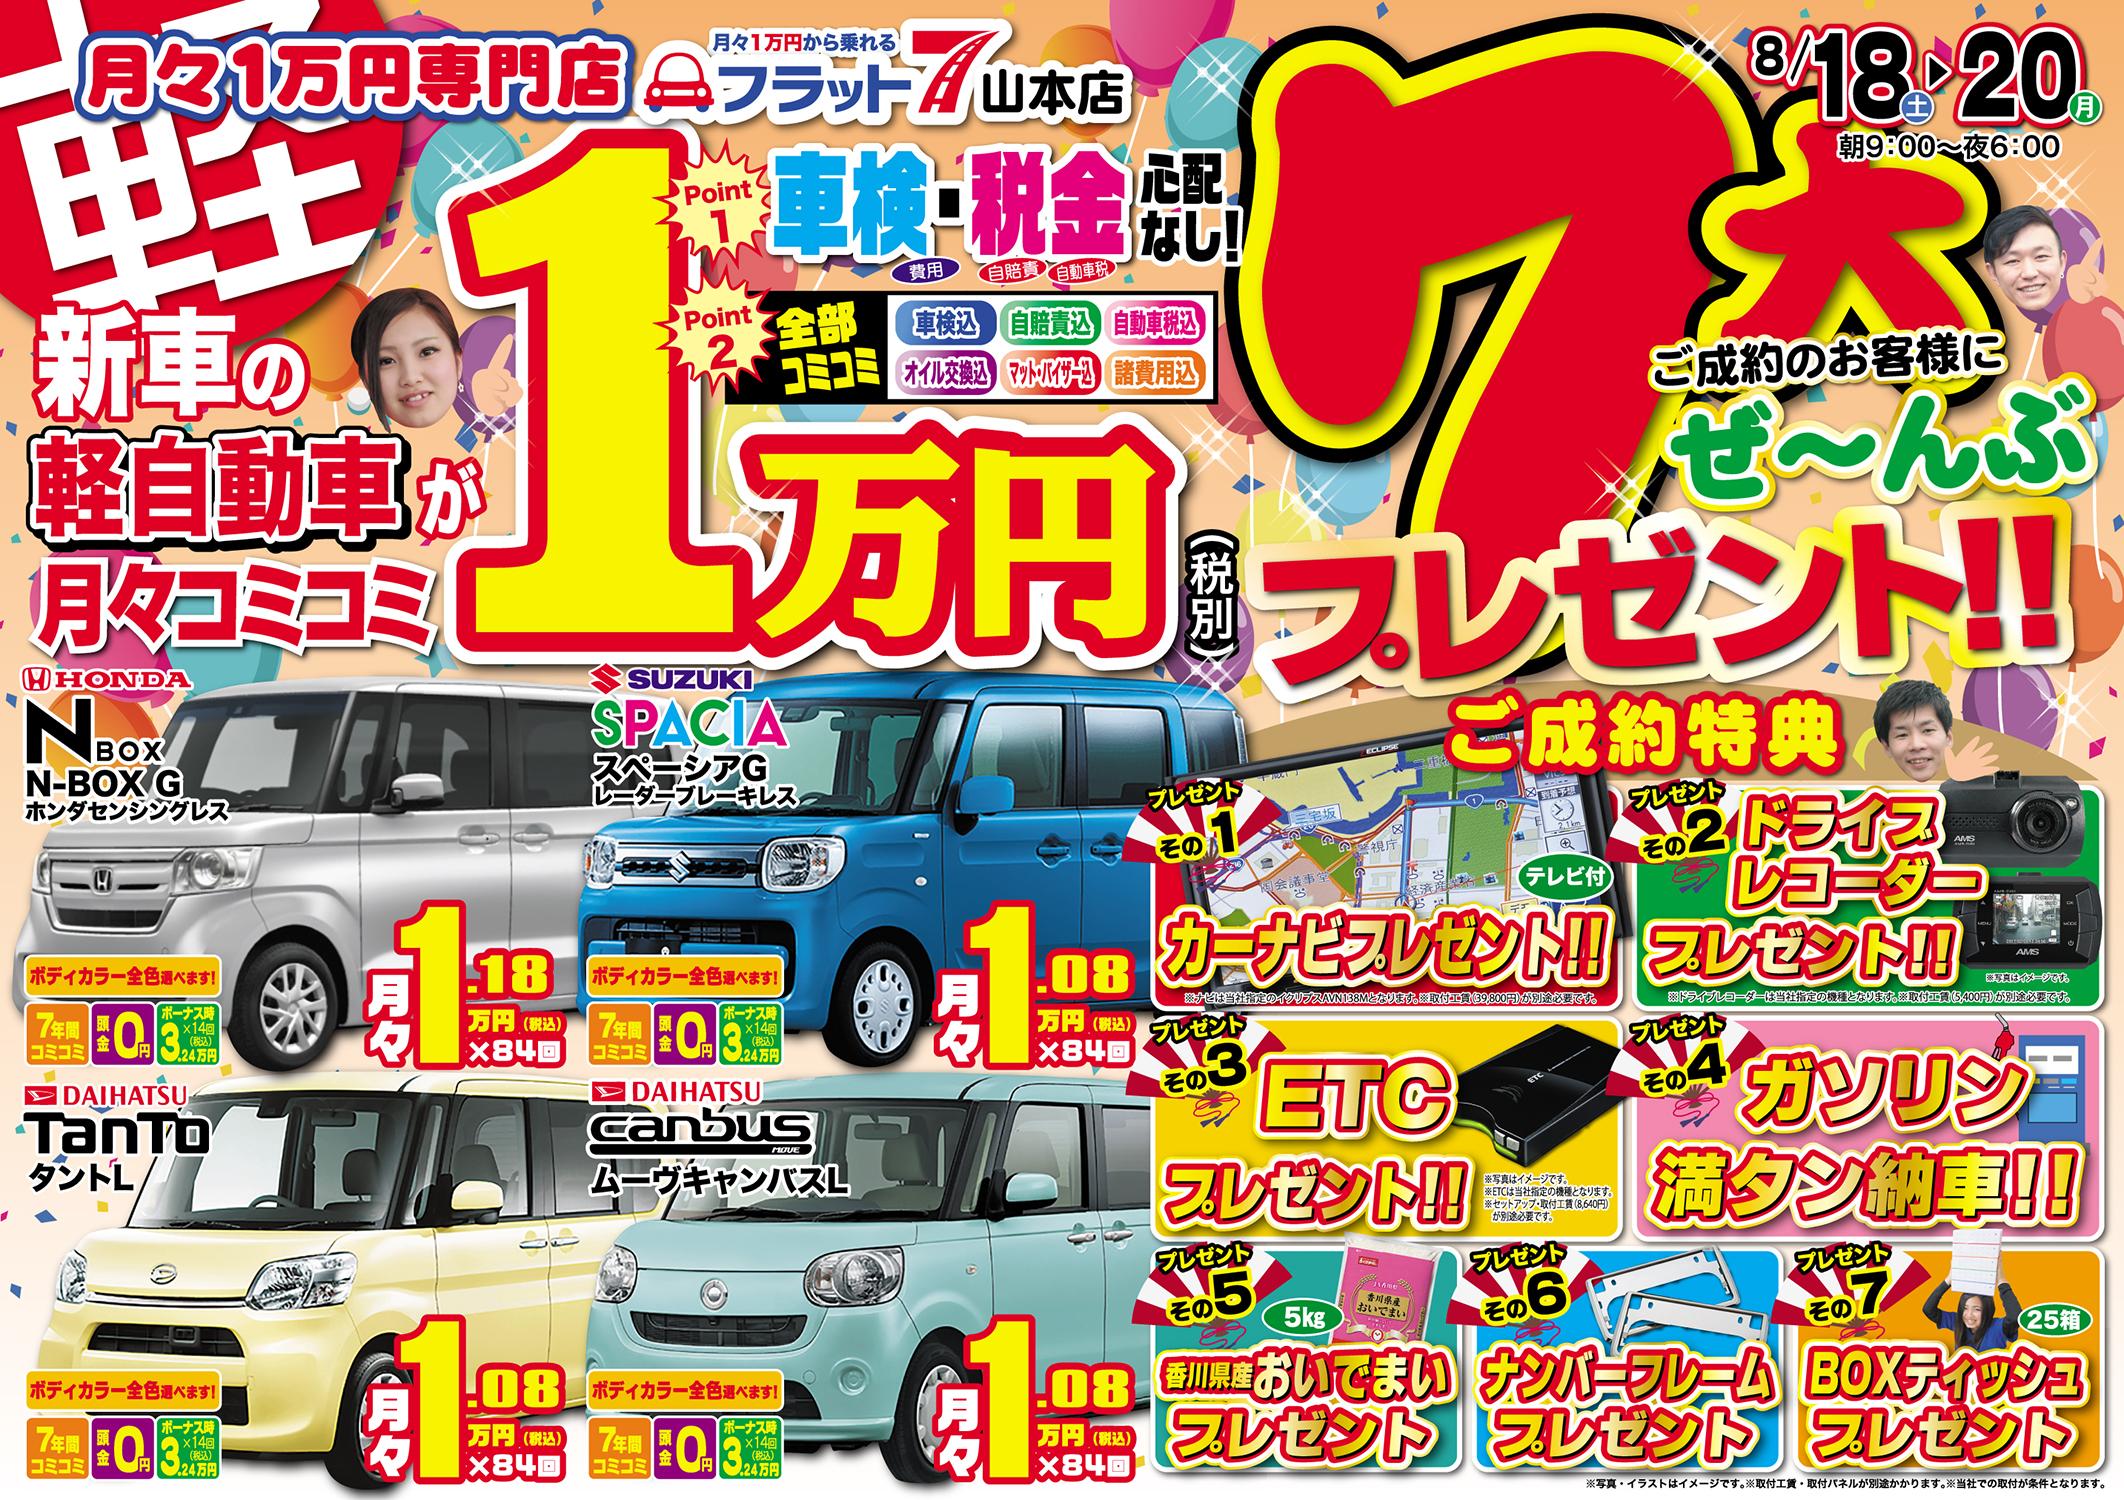 新車の軽自動車が月々コミコミ1万円!7大プレゼントありでお得!